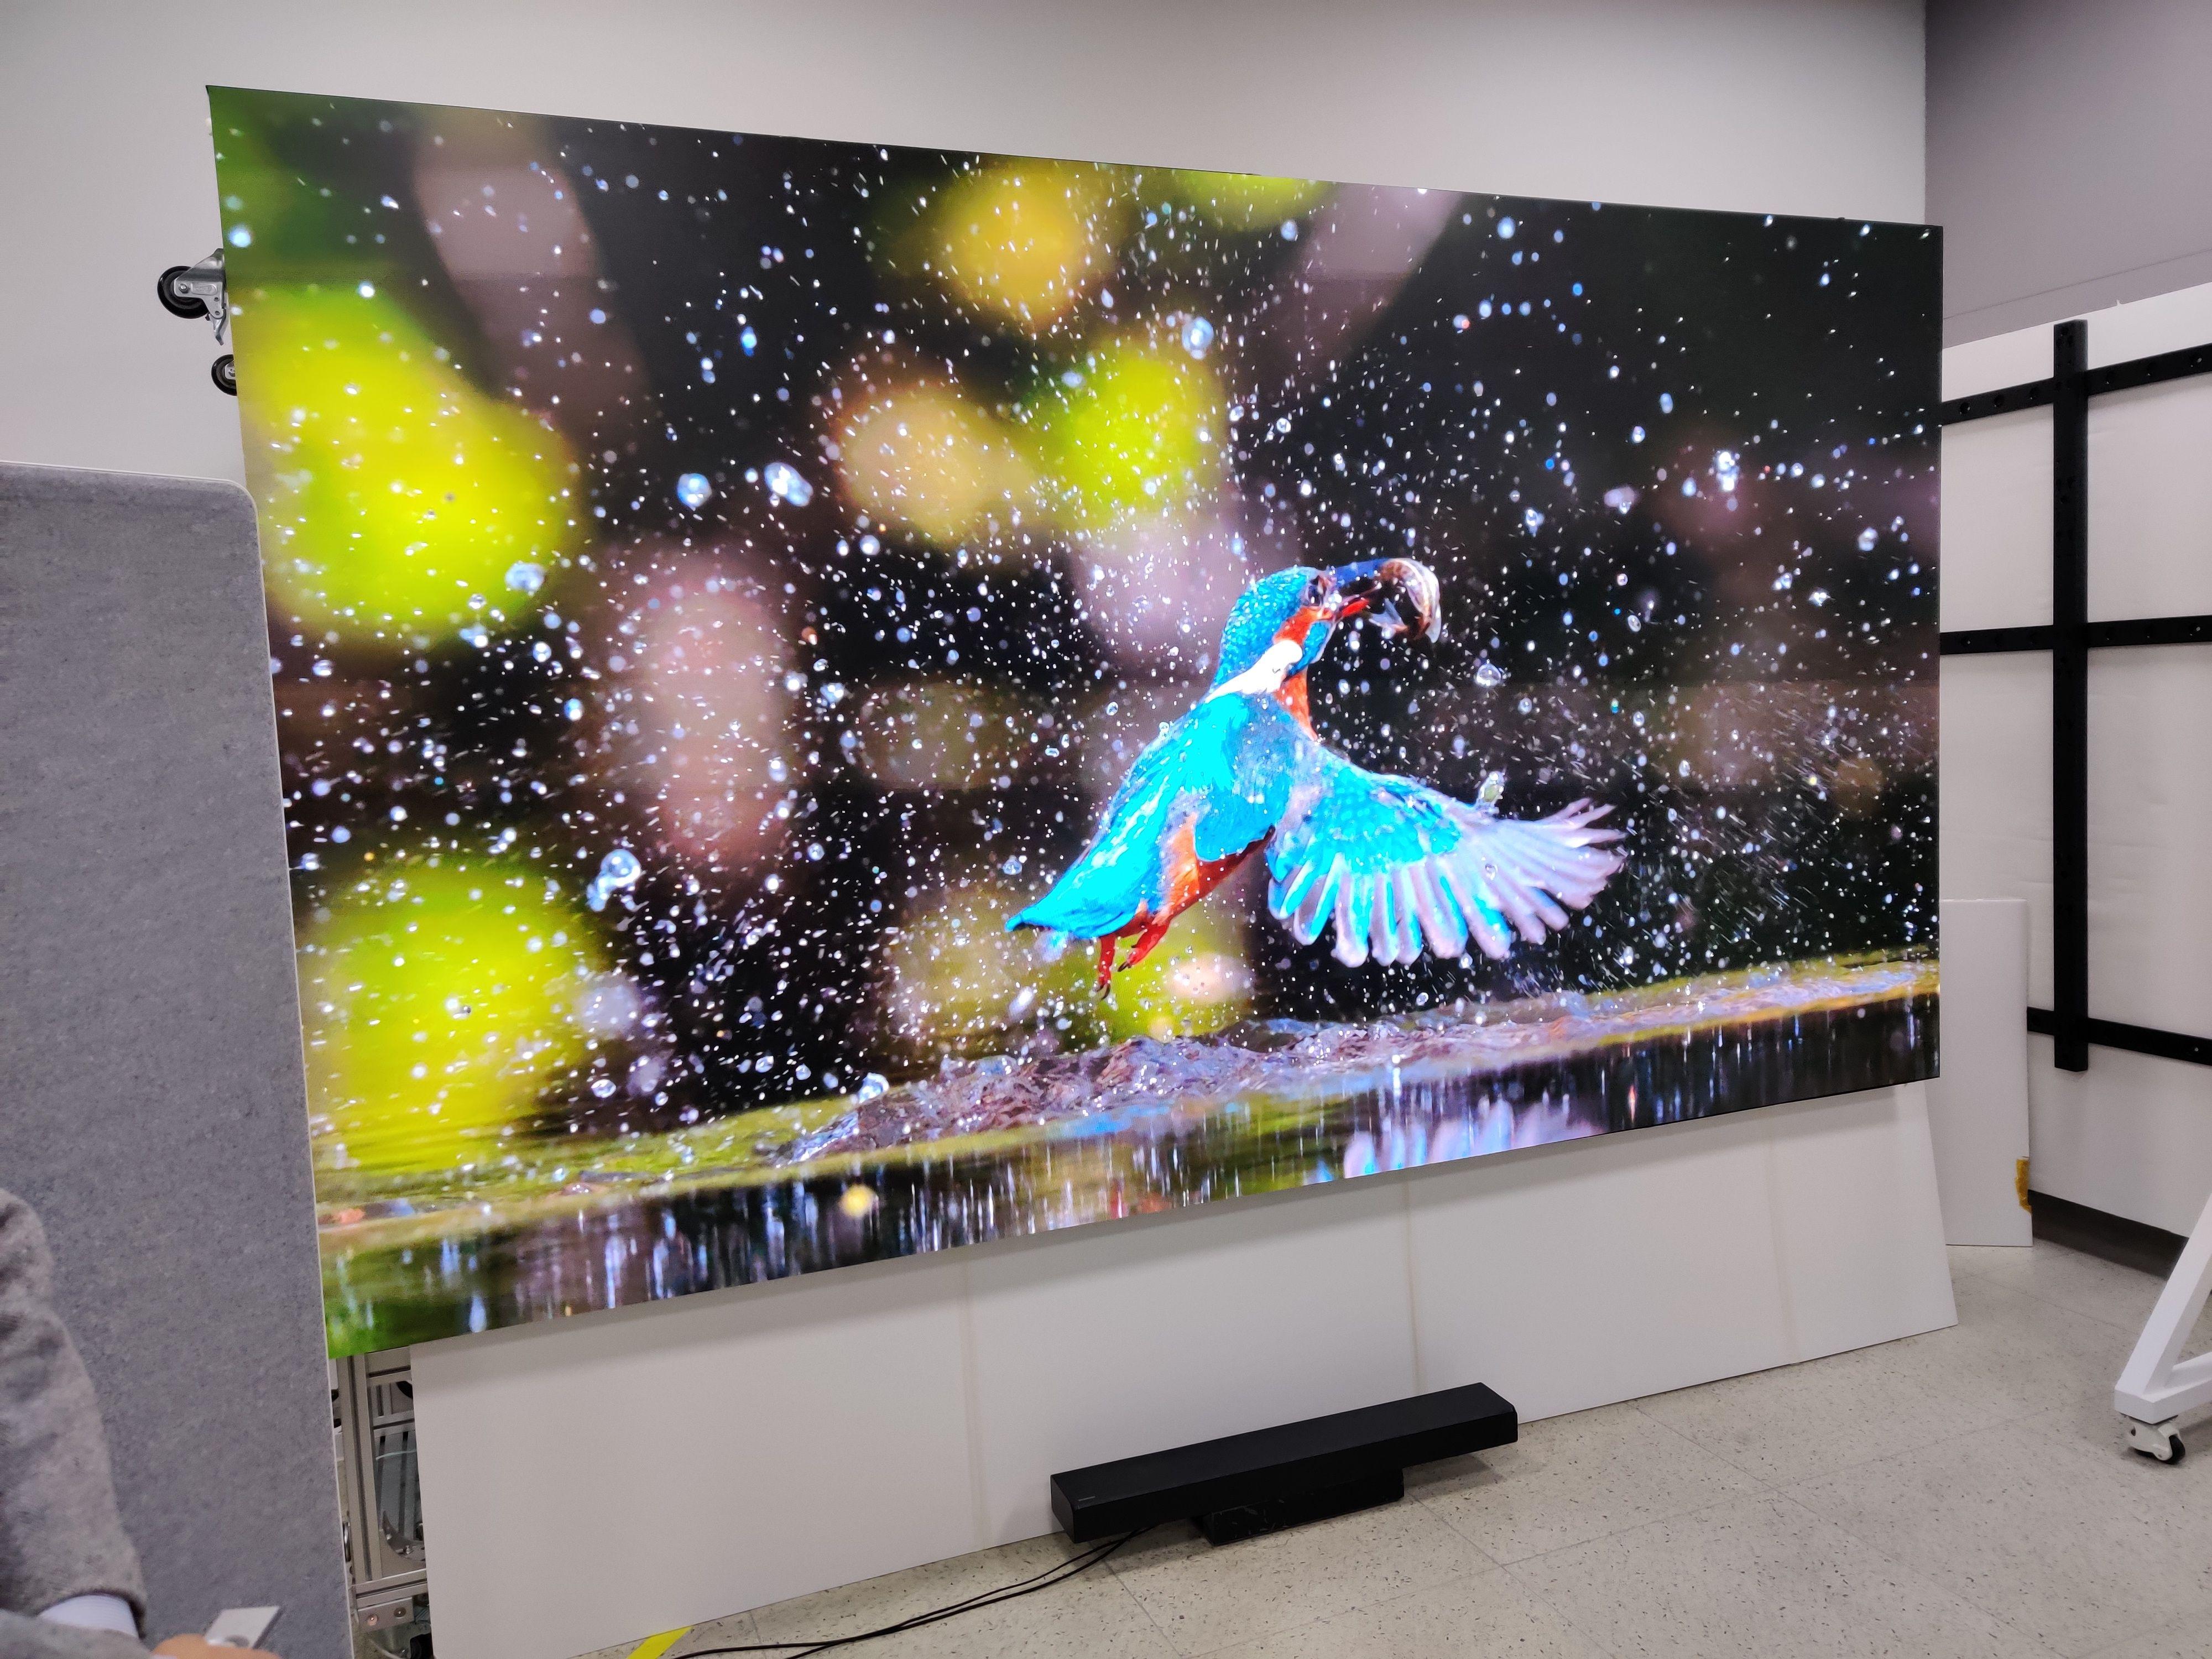 Micro-LED gir uten tvil det råeste bildet vi har sett.